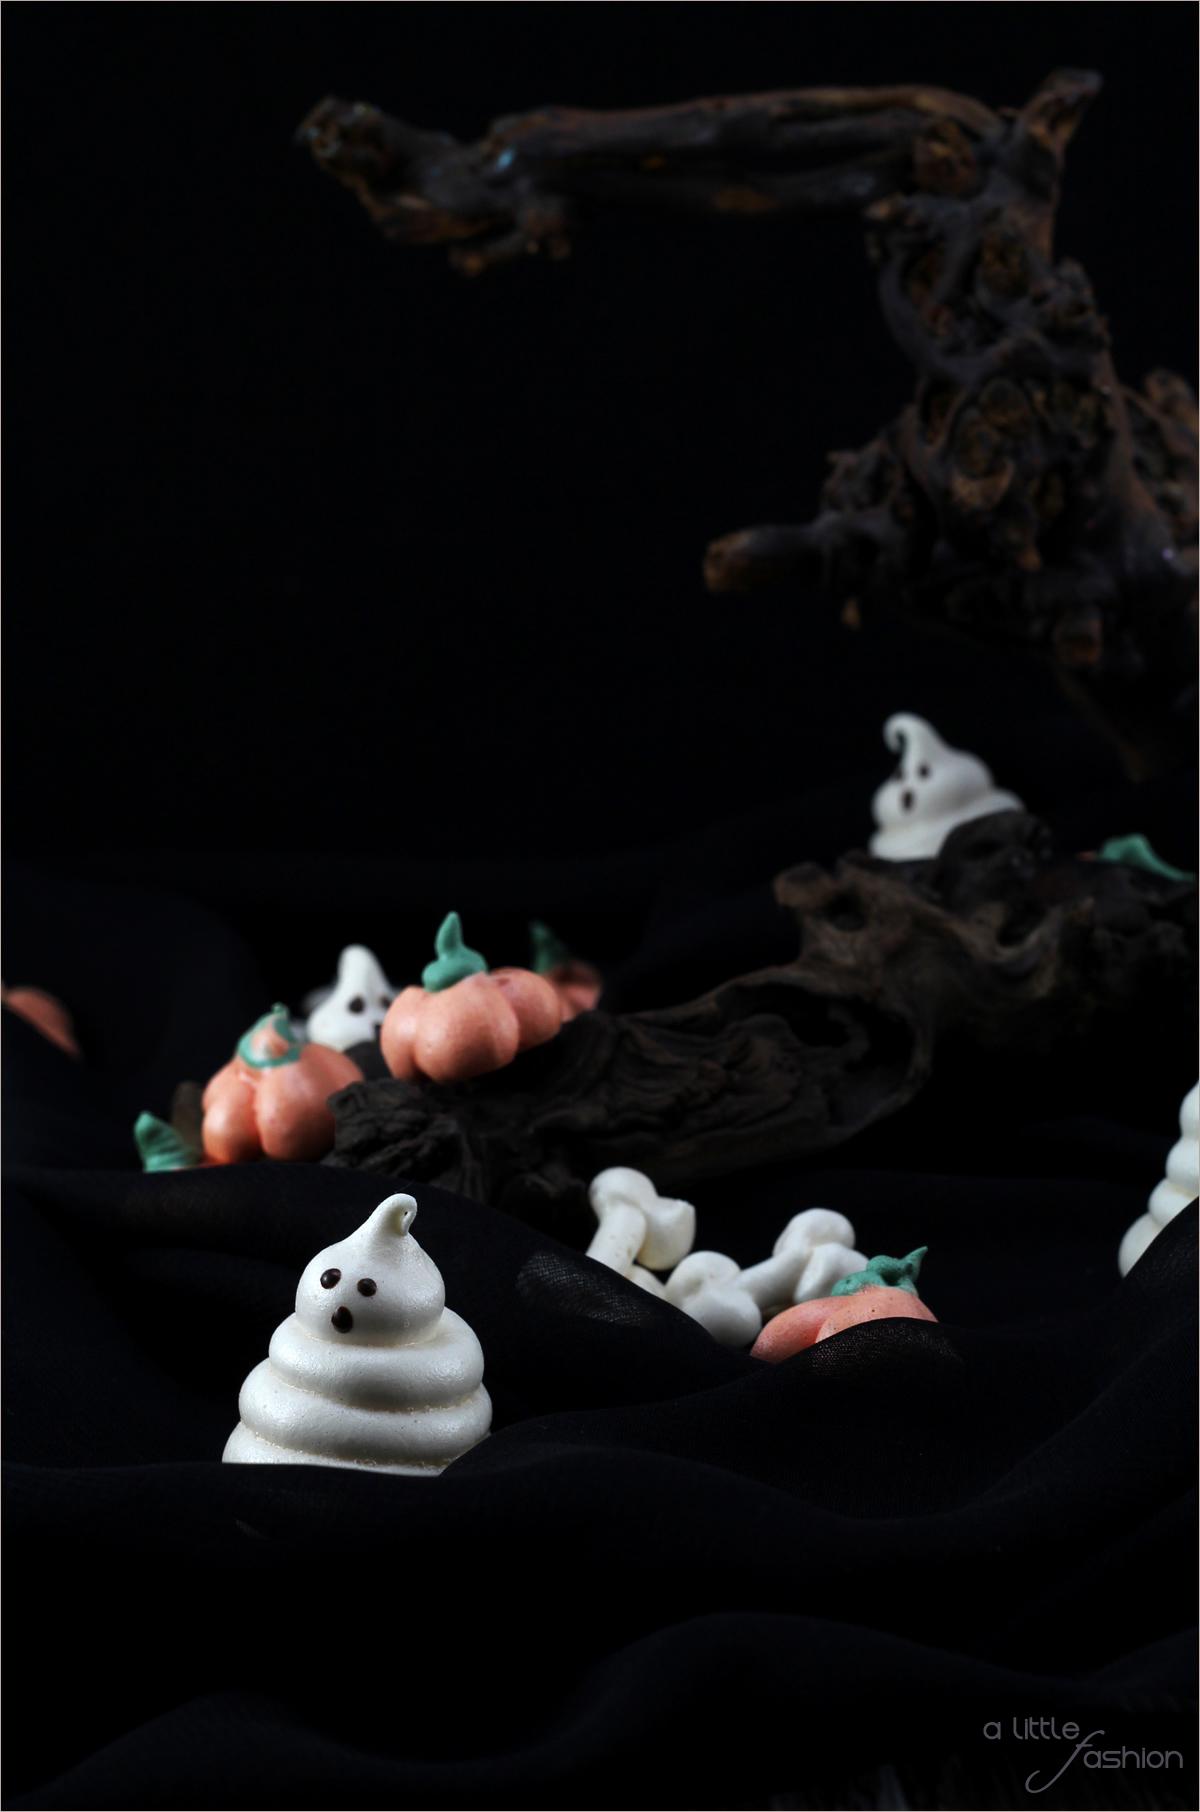 s es oder saures schaurig sch ne halloween treats a little fashion. Black Bedroom Furniture Sets. Home Design Ideas